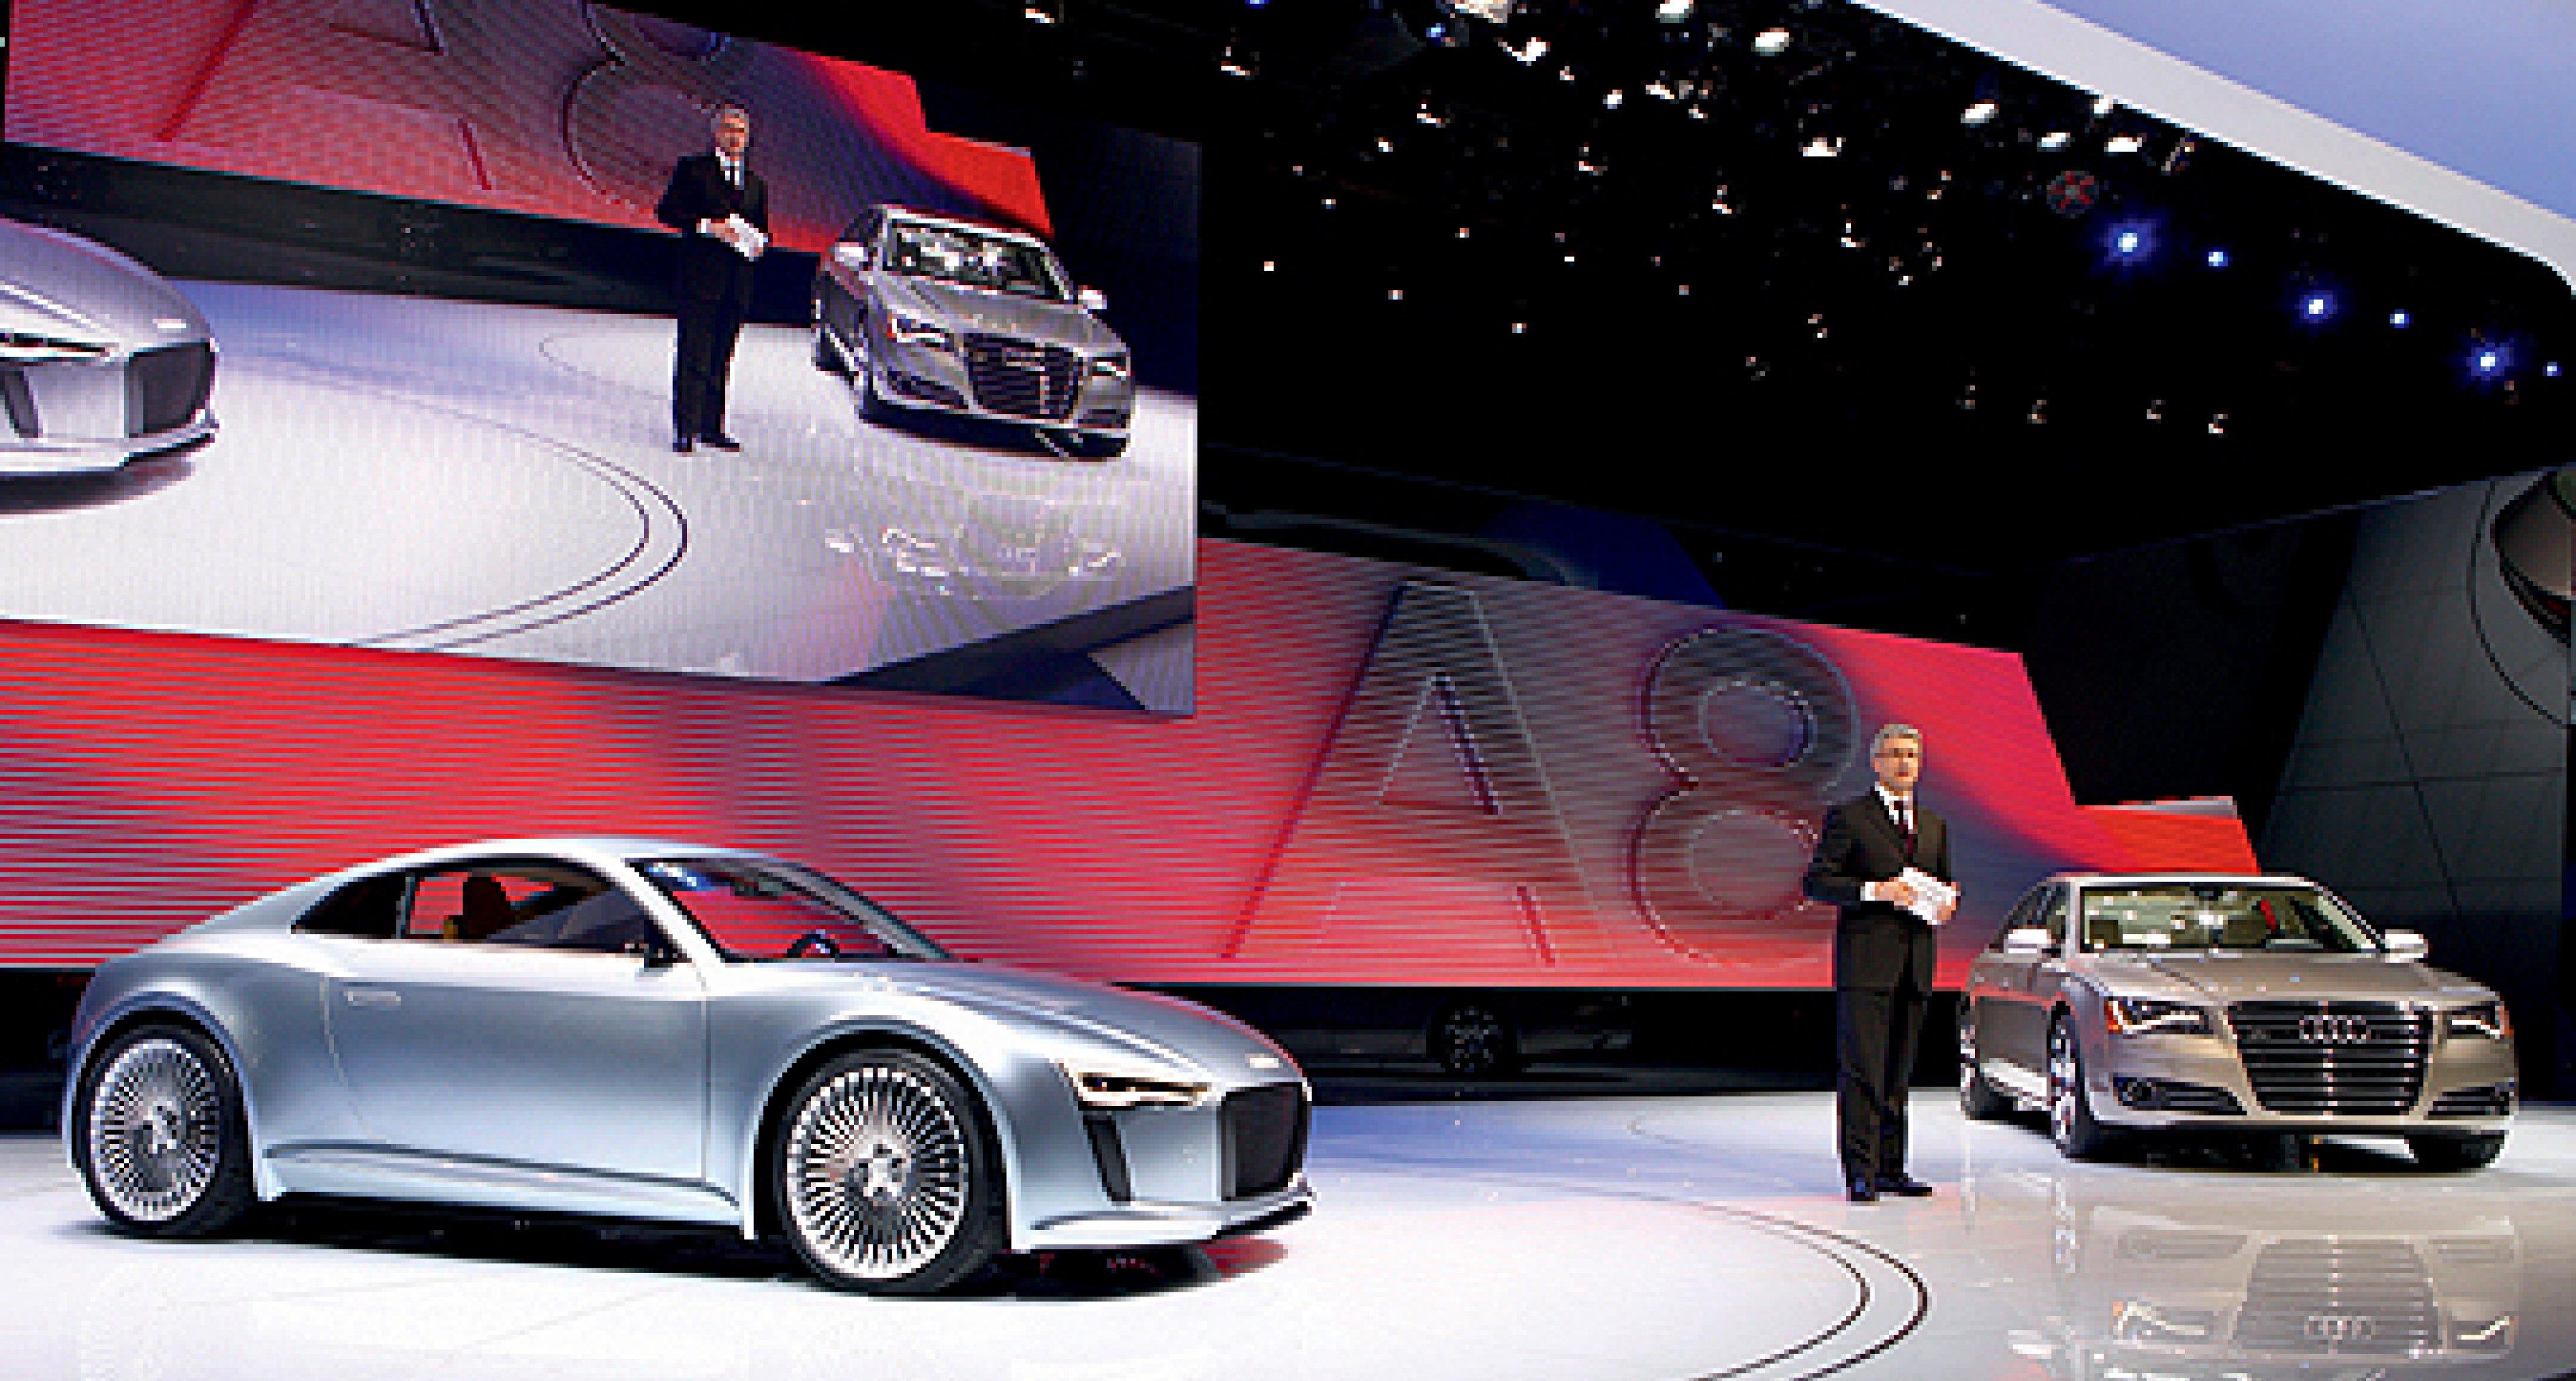 Audi e-tron: Design Analysis